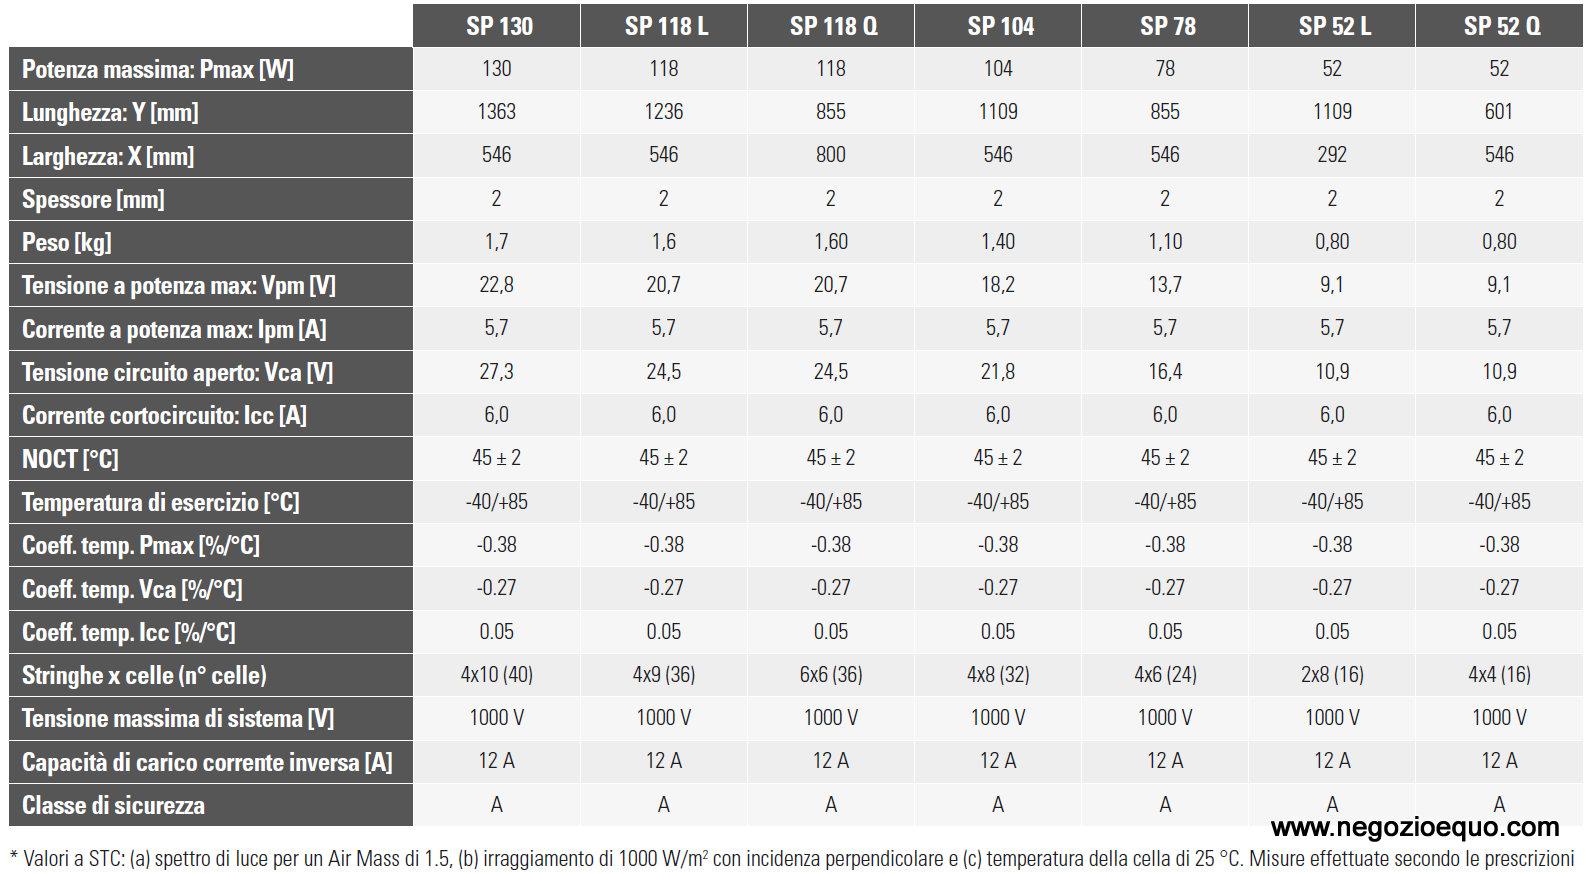 Pannelli Solbian SP Data Sheet